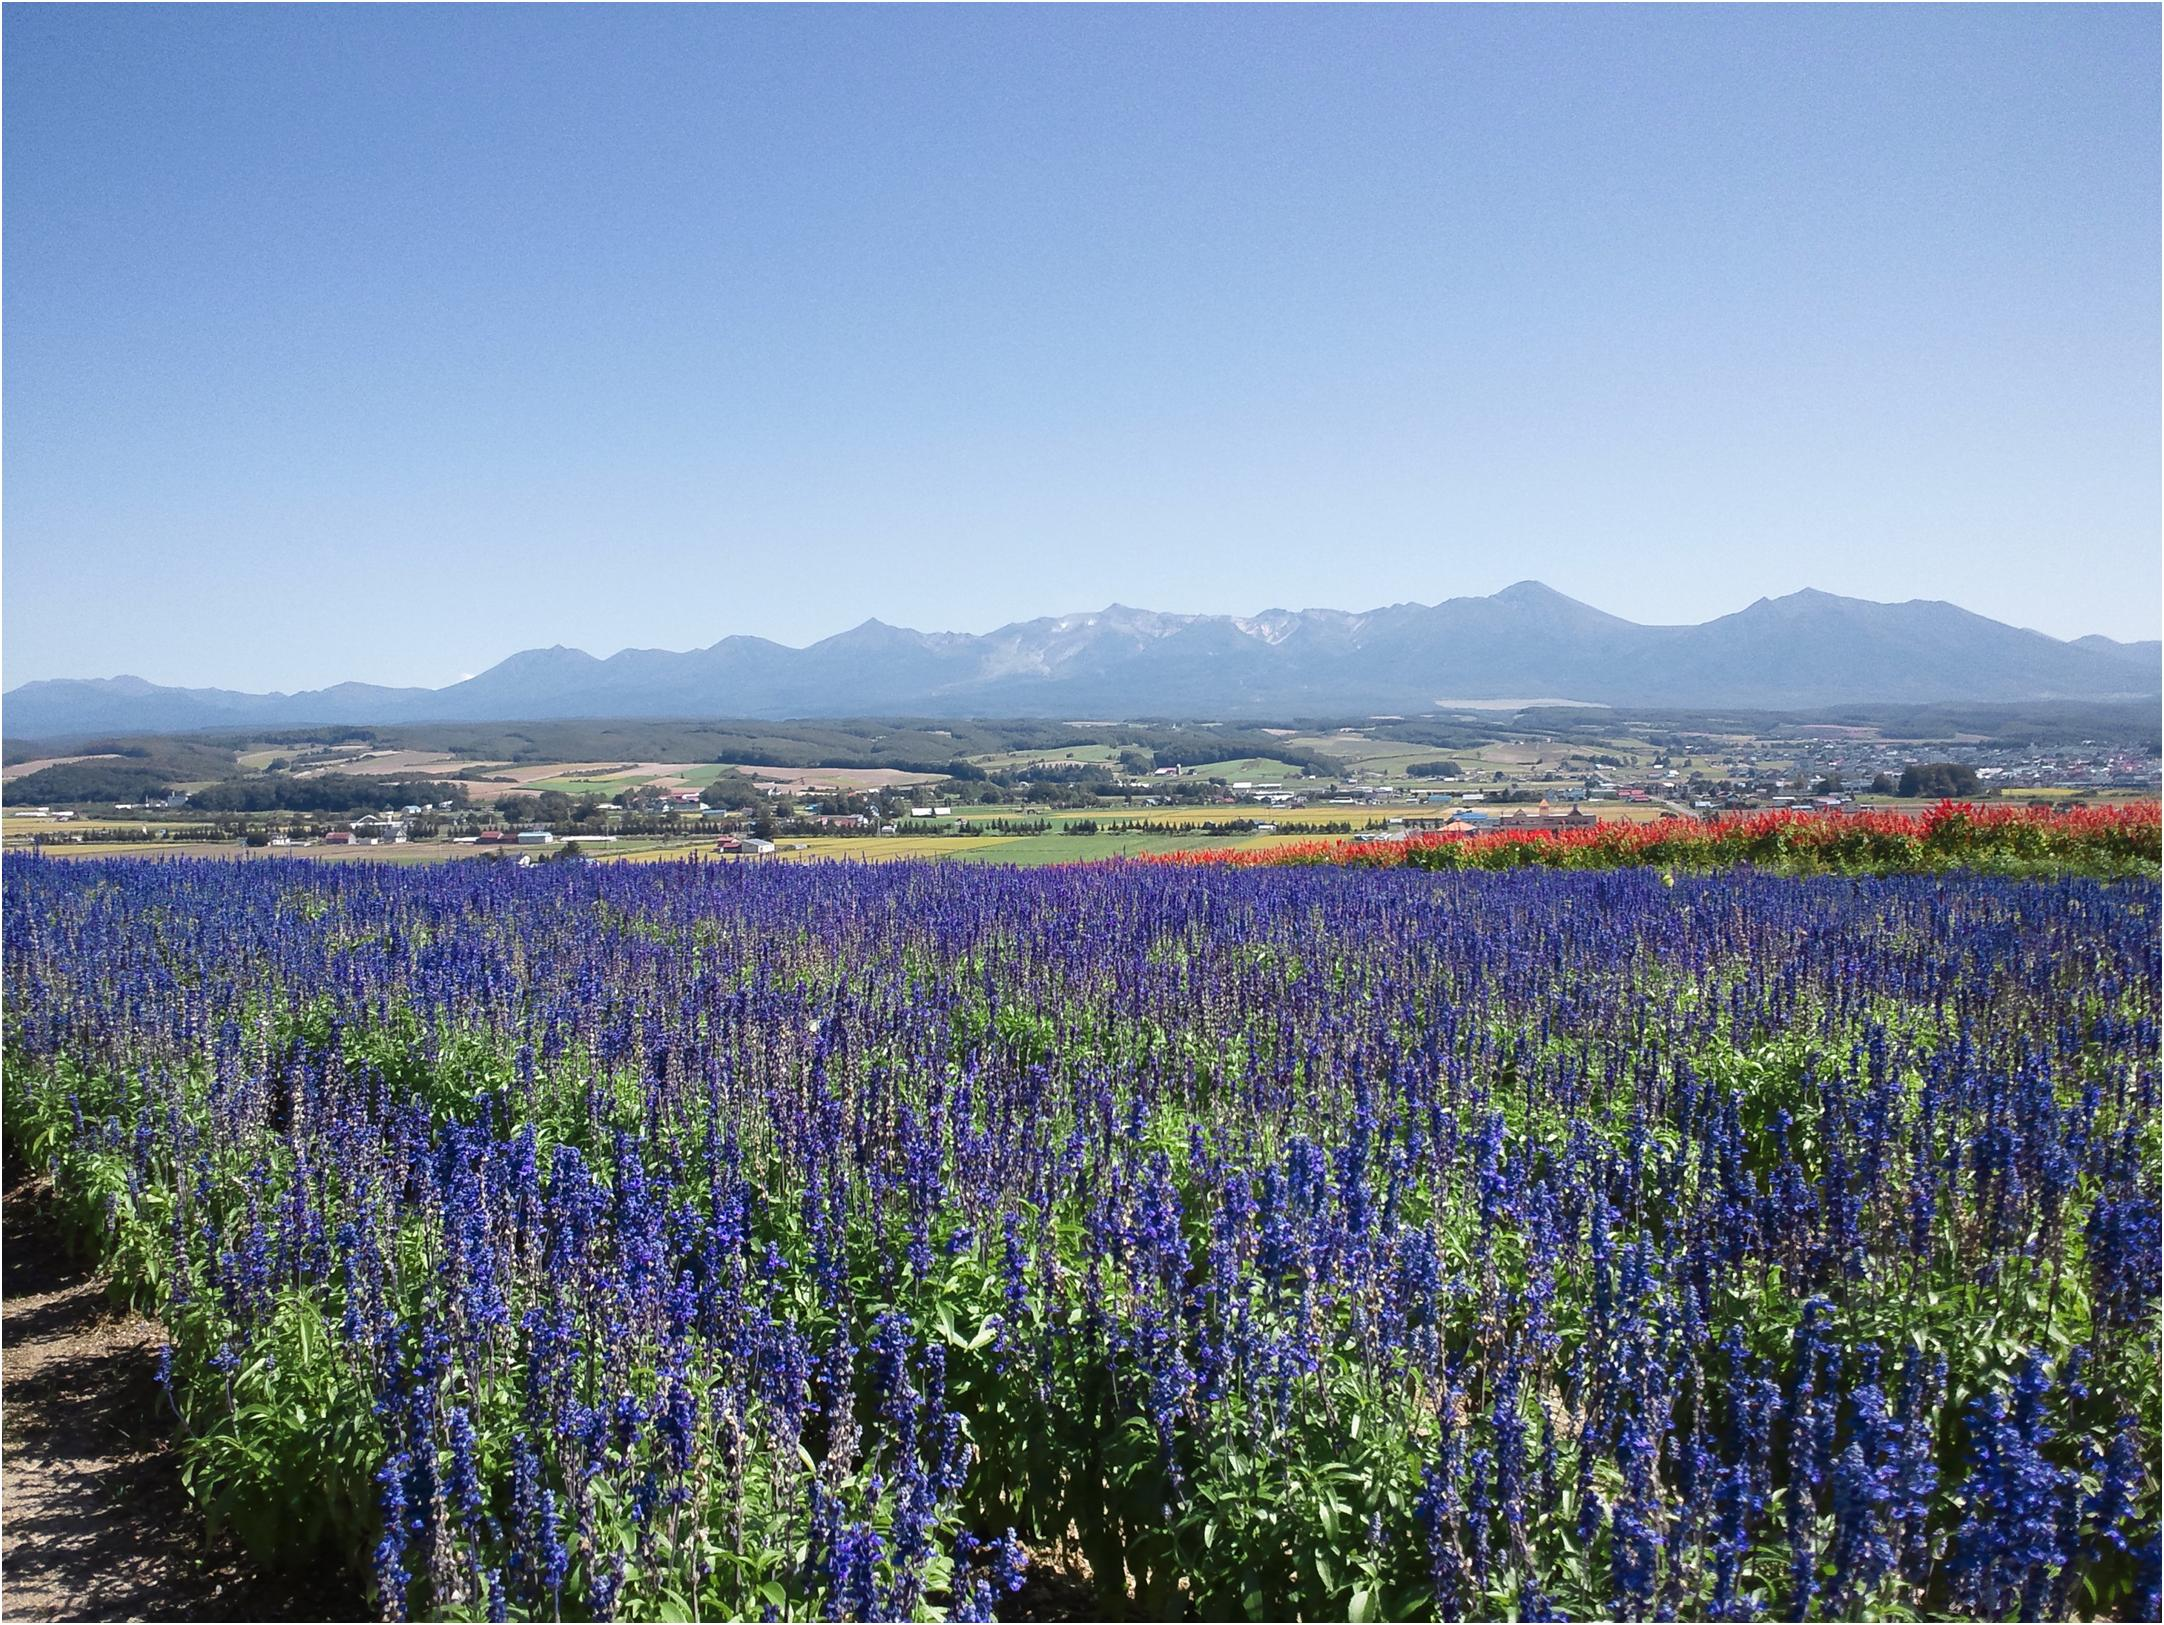 美瑛の丘に花畑を訪ねよう♪富良野から絶景ドライブして♪